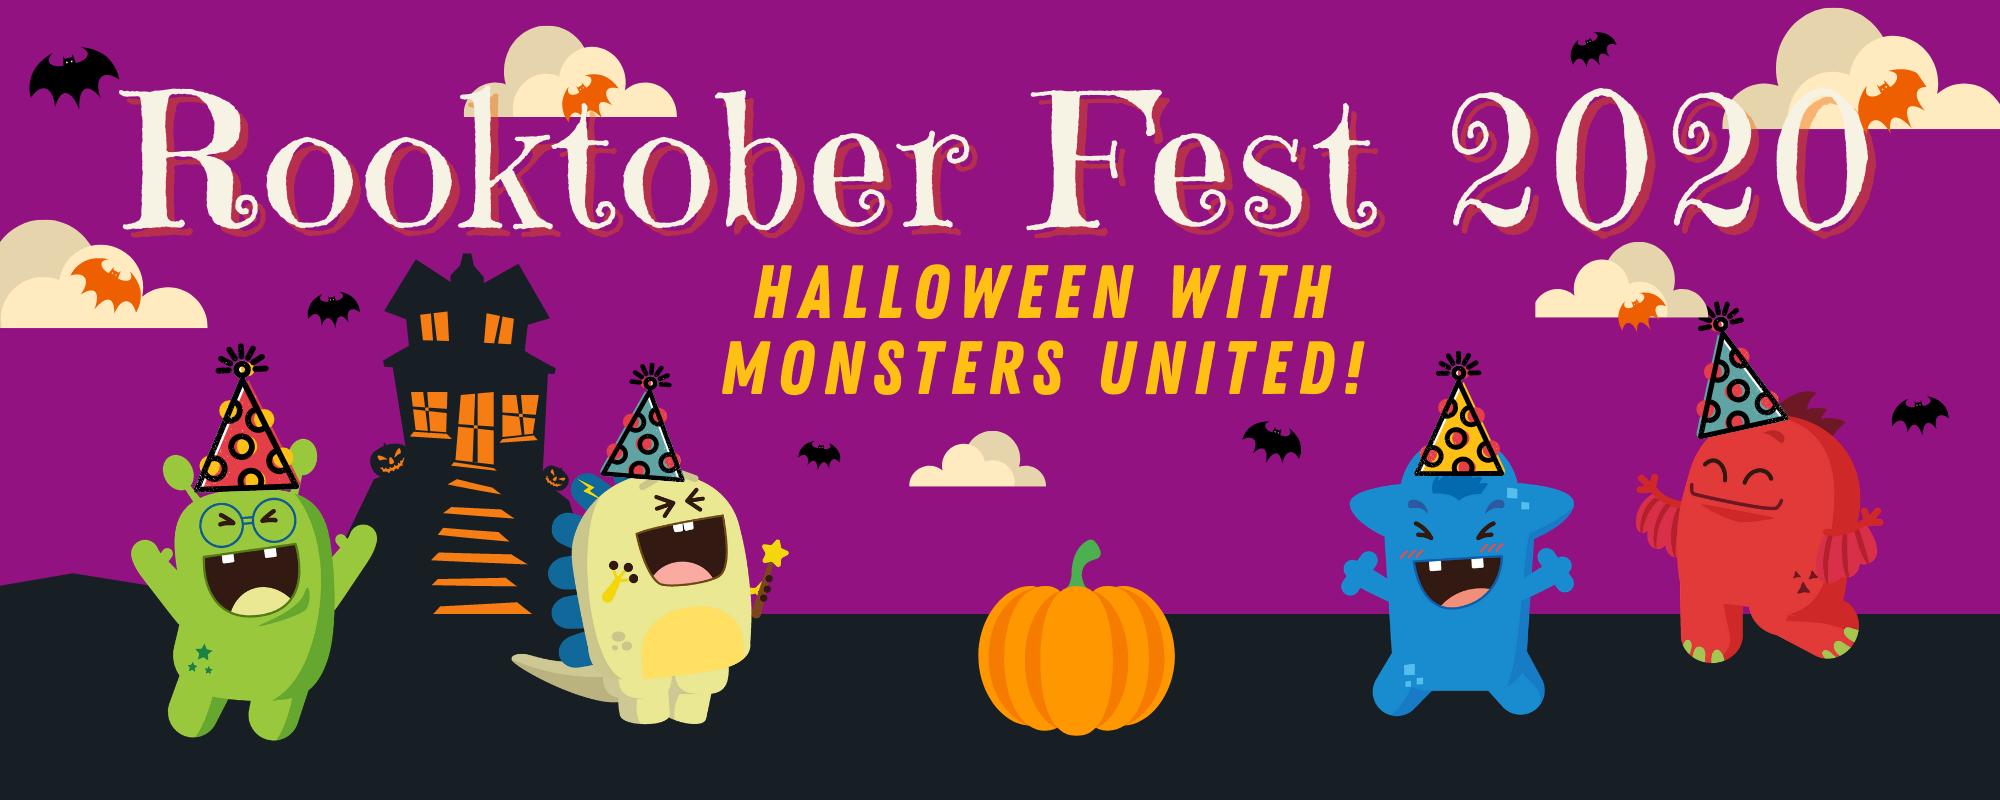 Rooktober Fest image